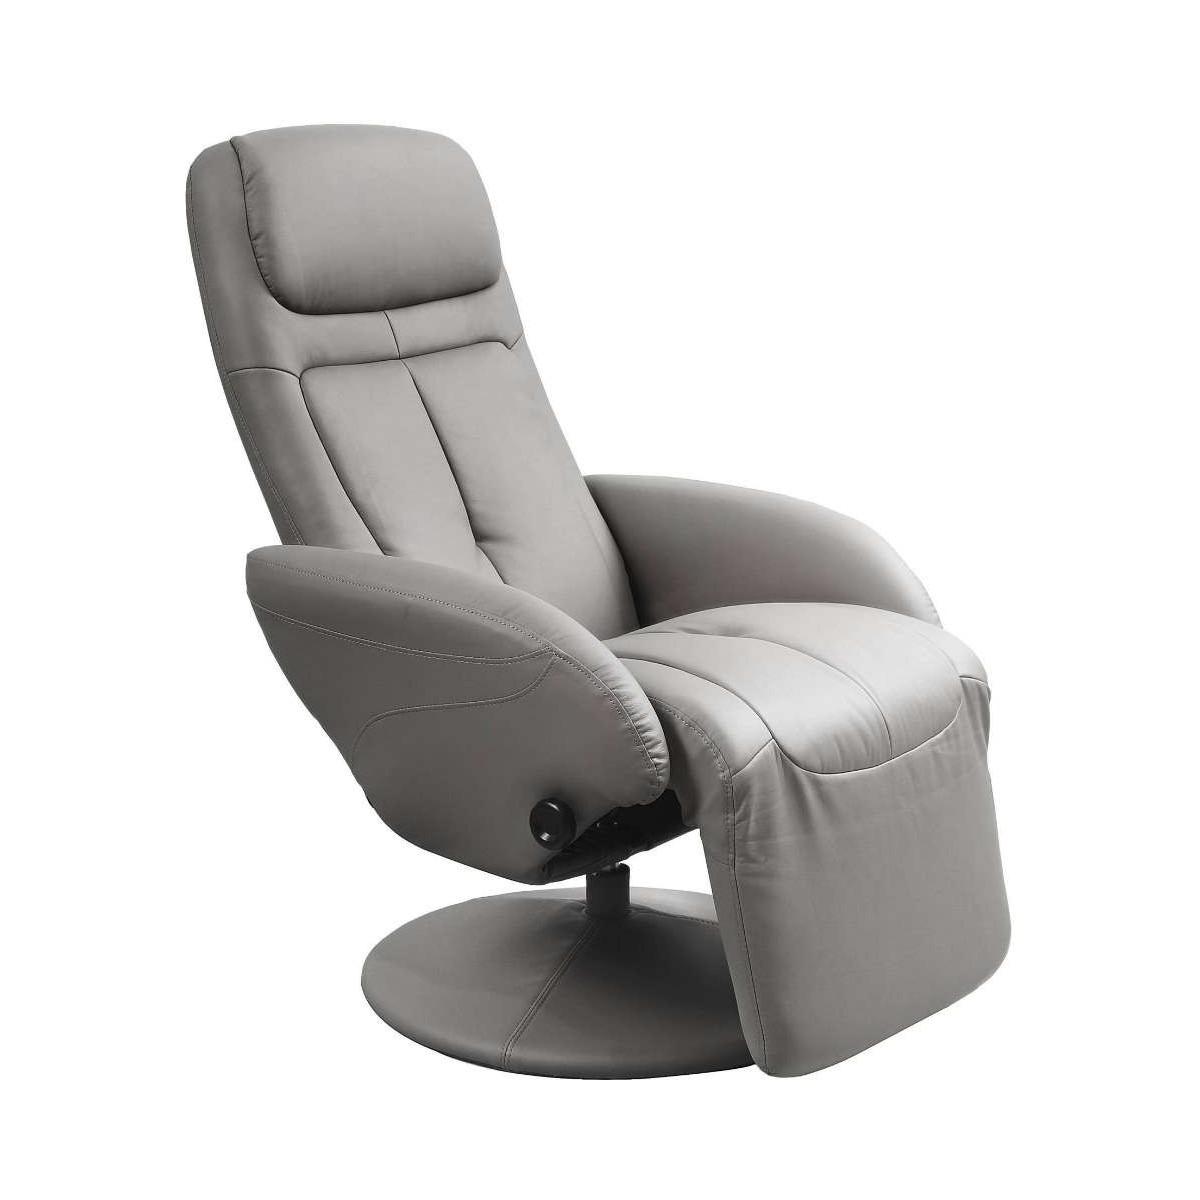 Optima popielaty fotel rozkładany